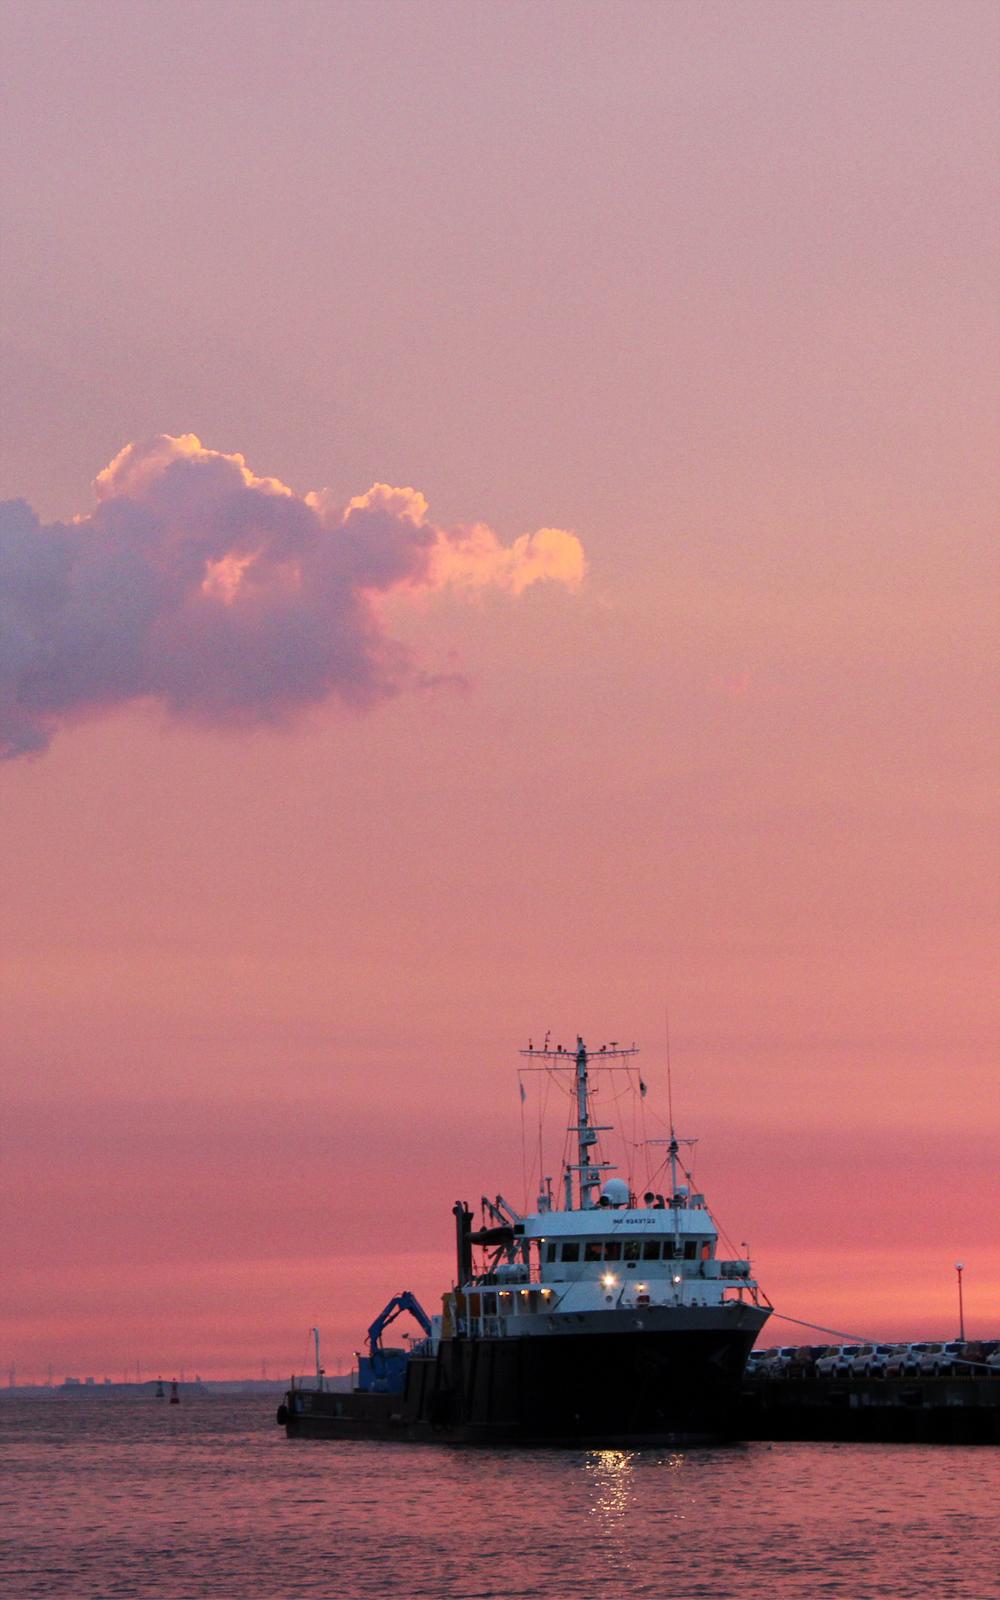 夕焼けの海と船の写真画像(P013)